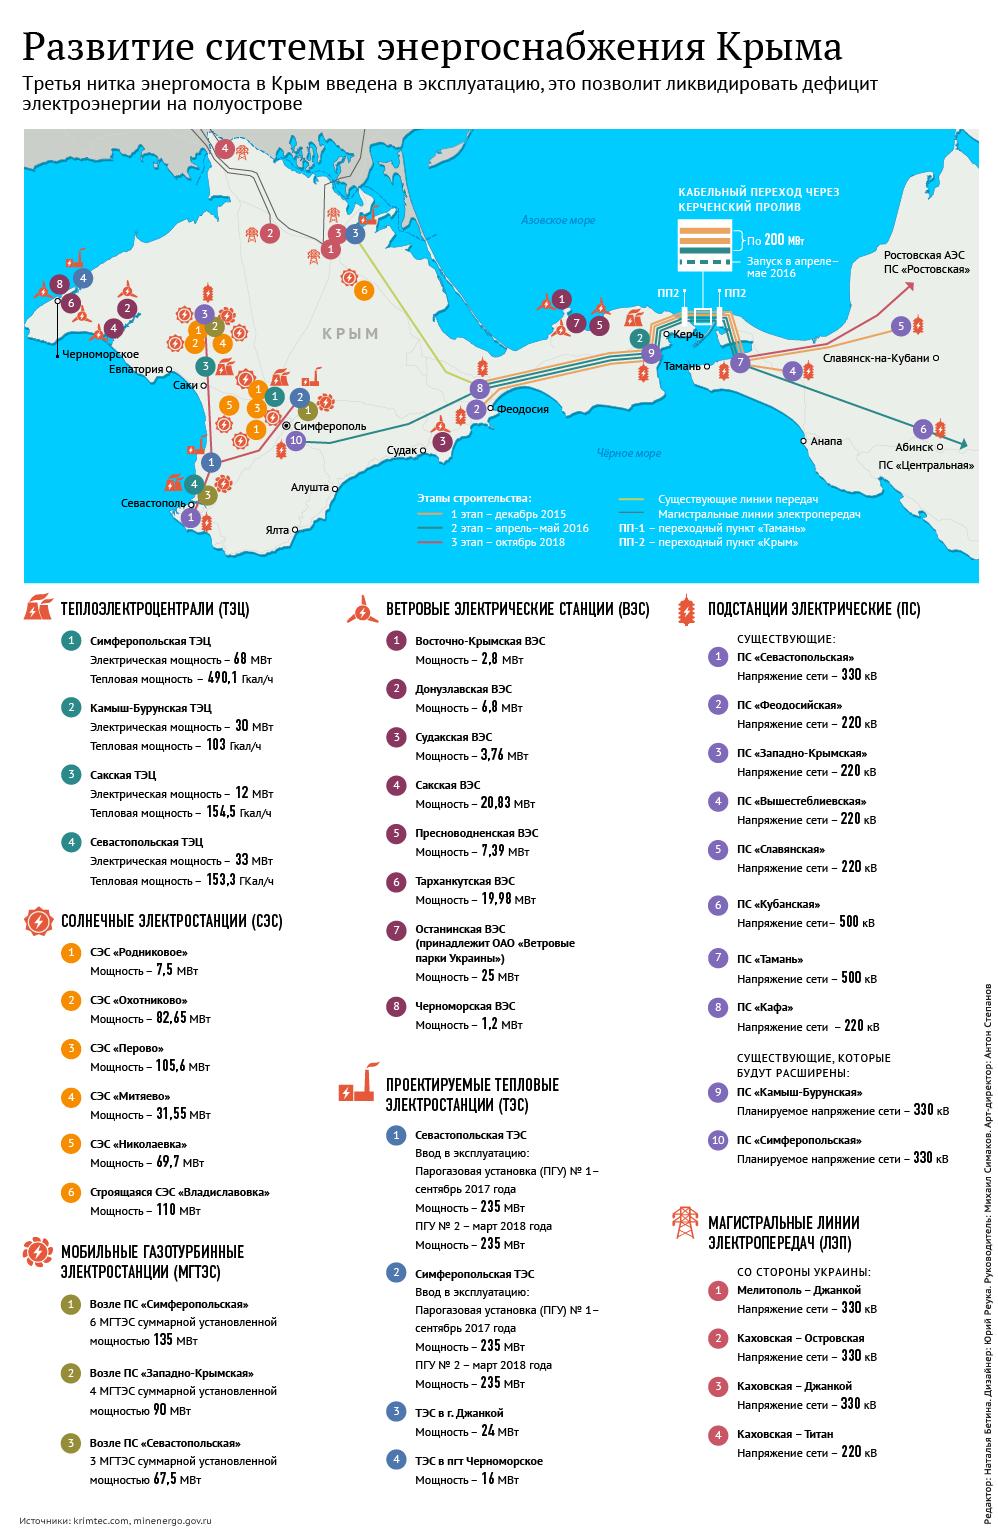 Развитие системы энергоснабжения Крыма